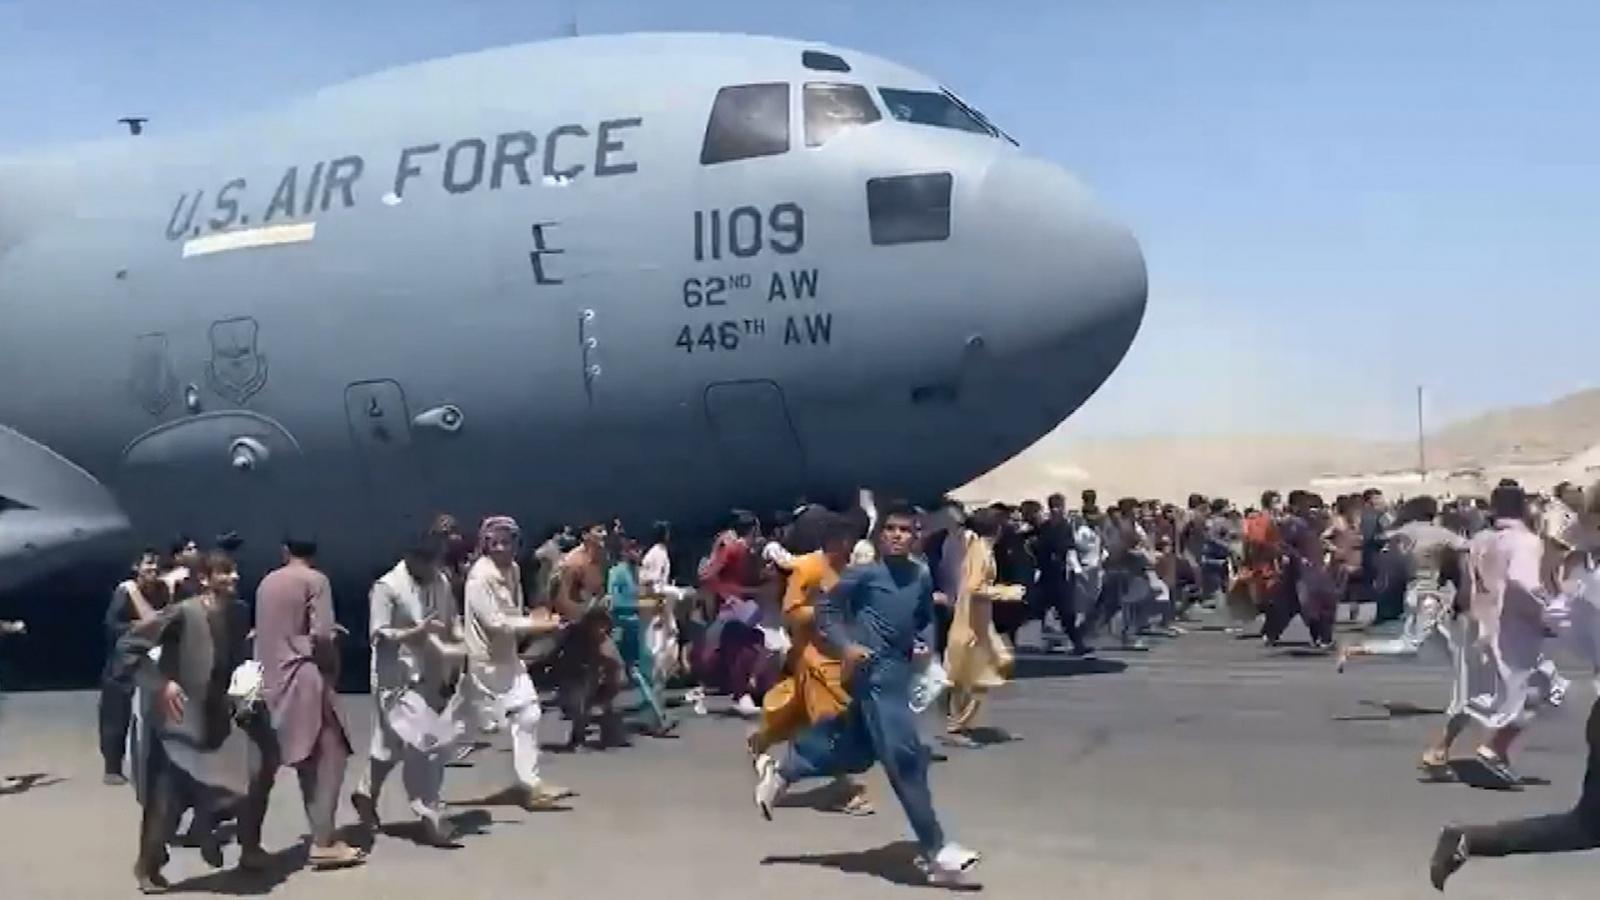 """Lời kể của phi công máy bay di tản từ Kabul: """"Chỉ có 30 phút để hạ cánh rồi cất cánh"""""""